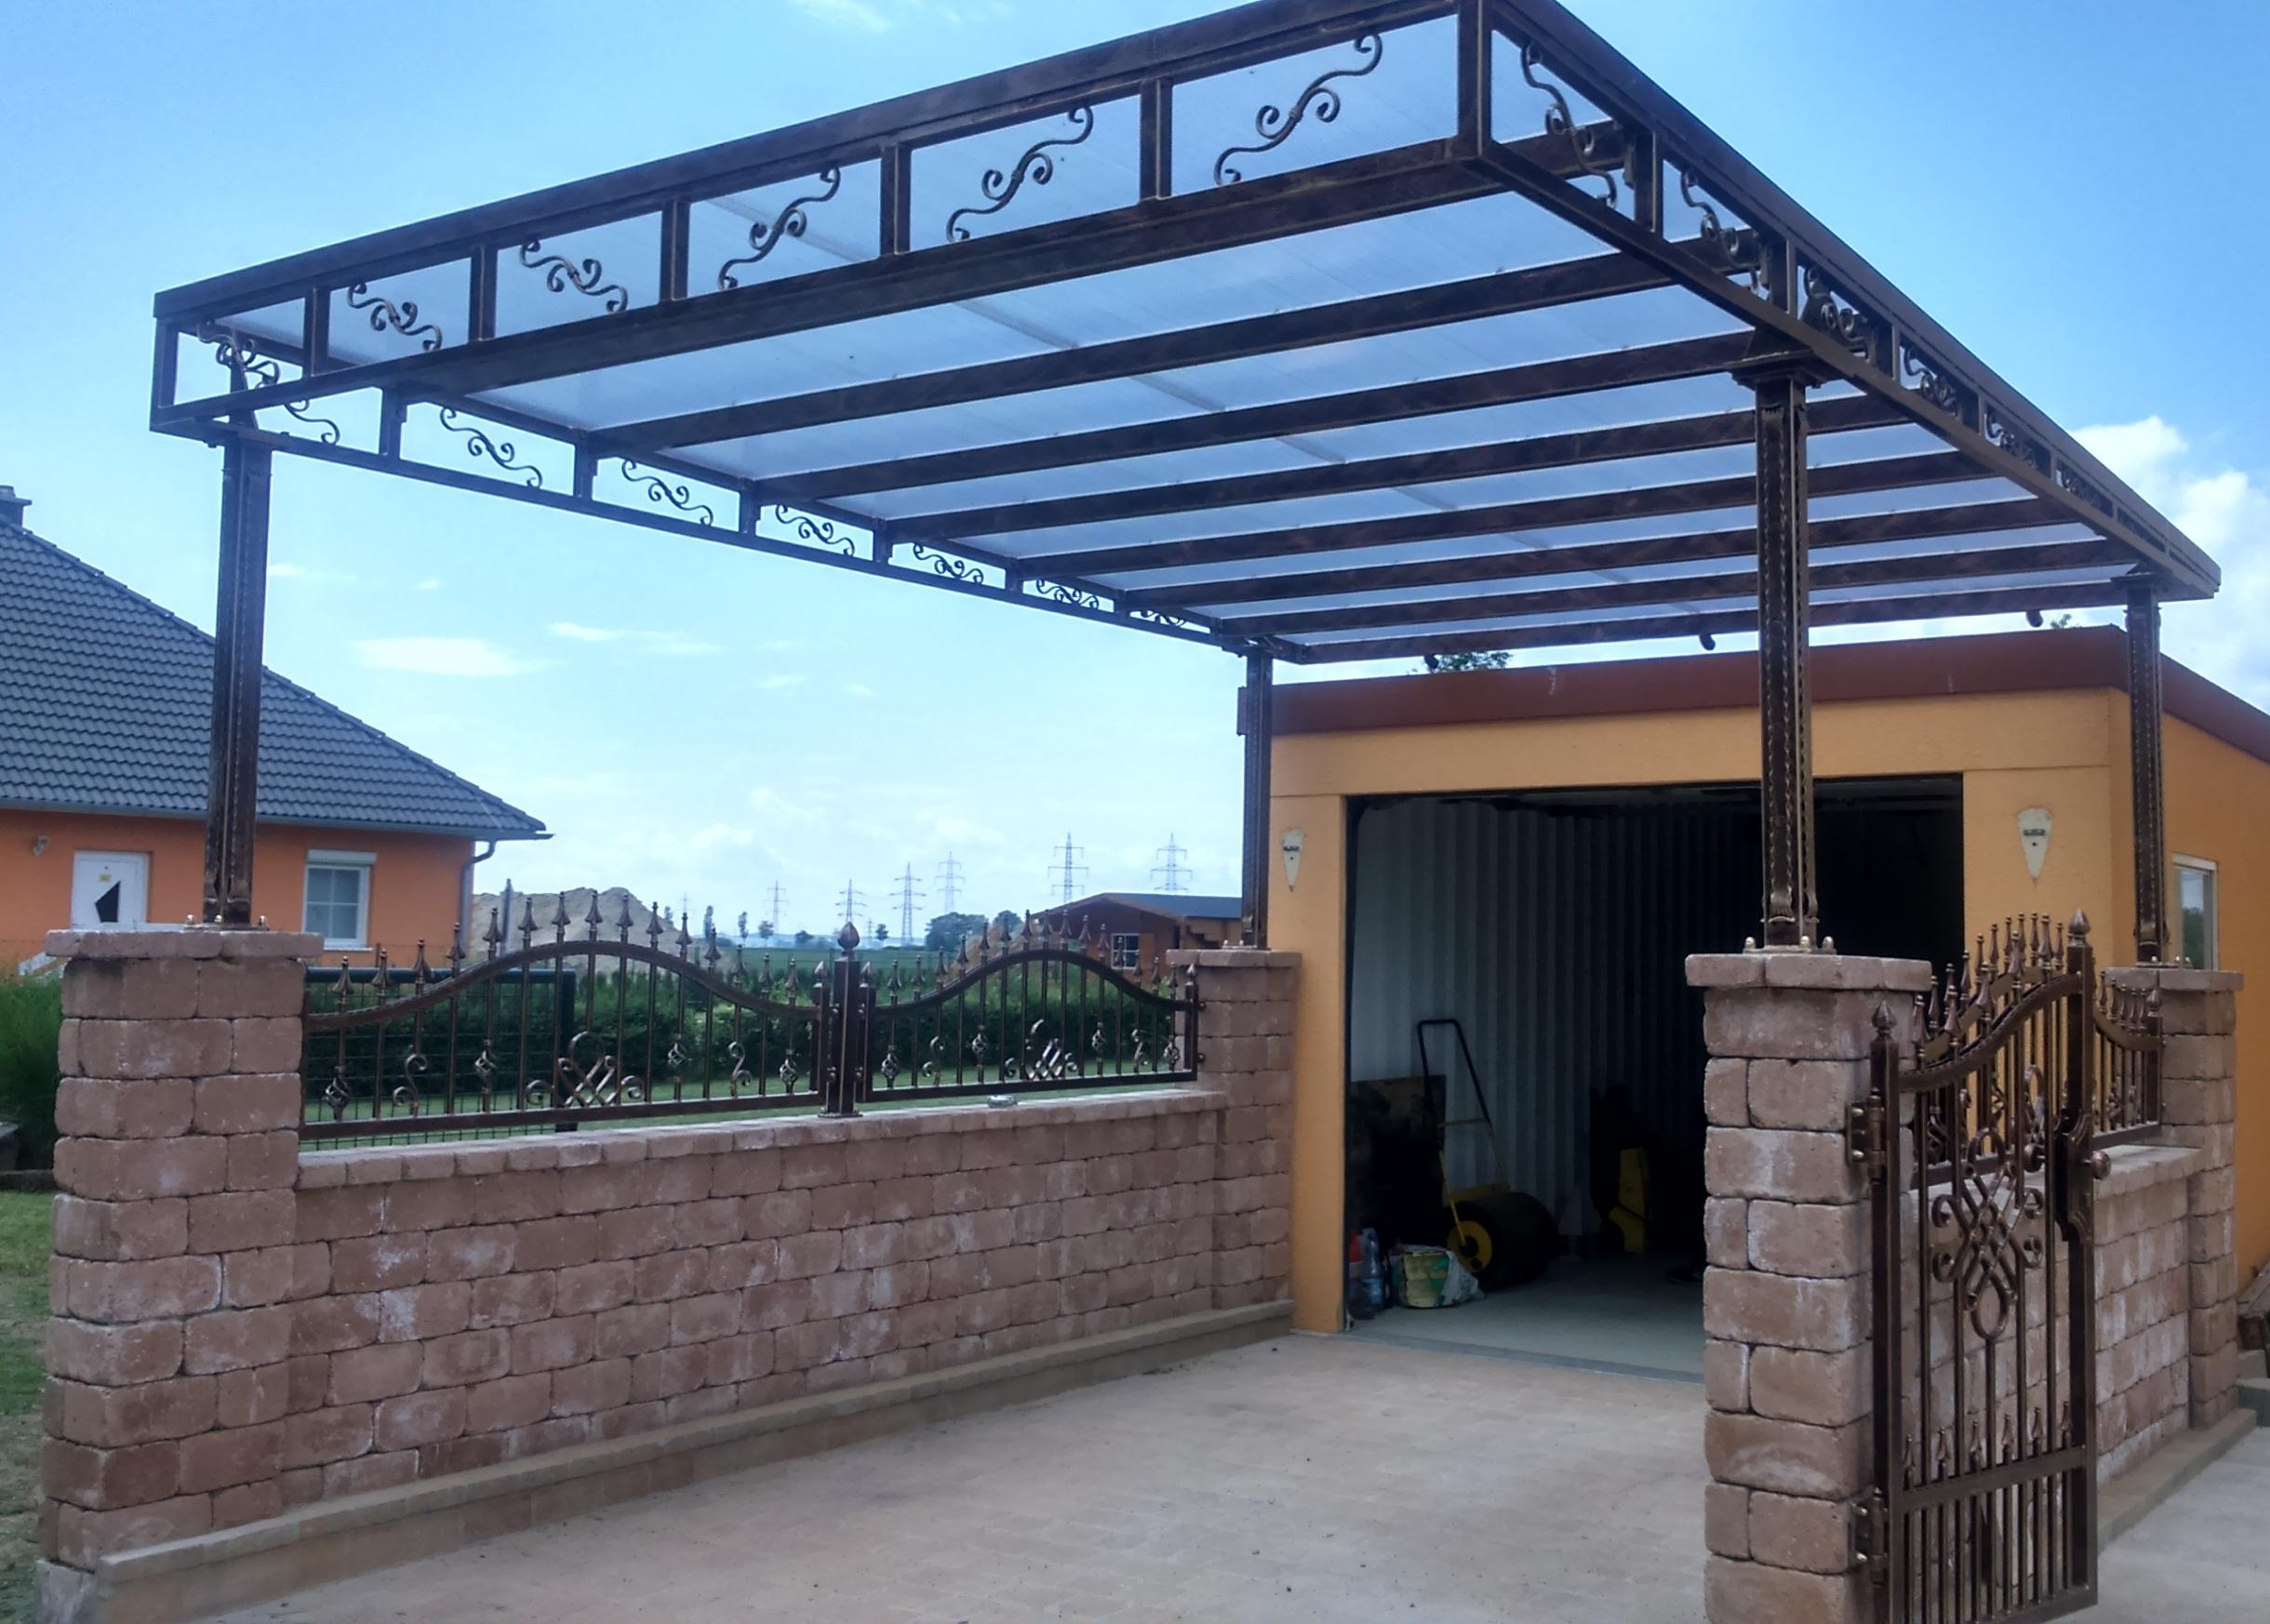 Vordach | Stahl- und Metallbau | BIMETAL S.C. | Stahl und Metall ...